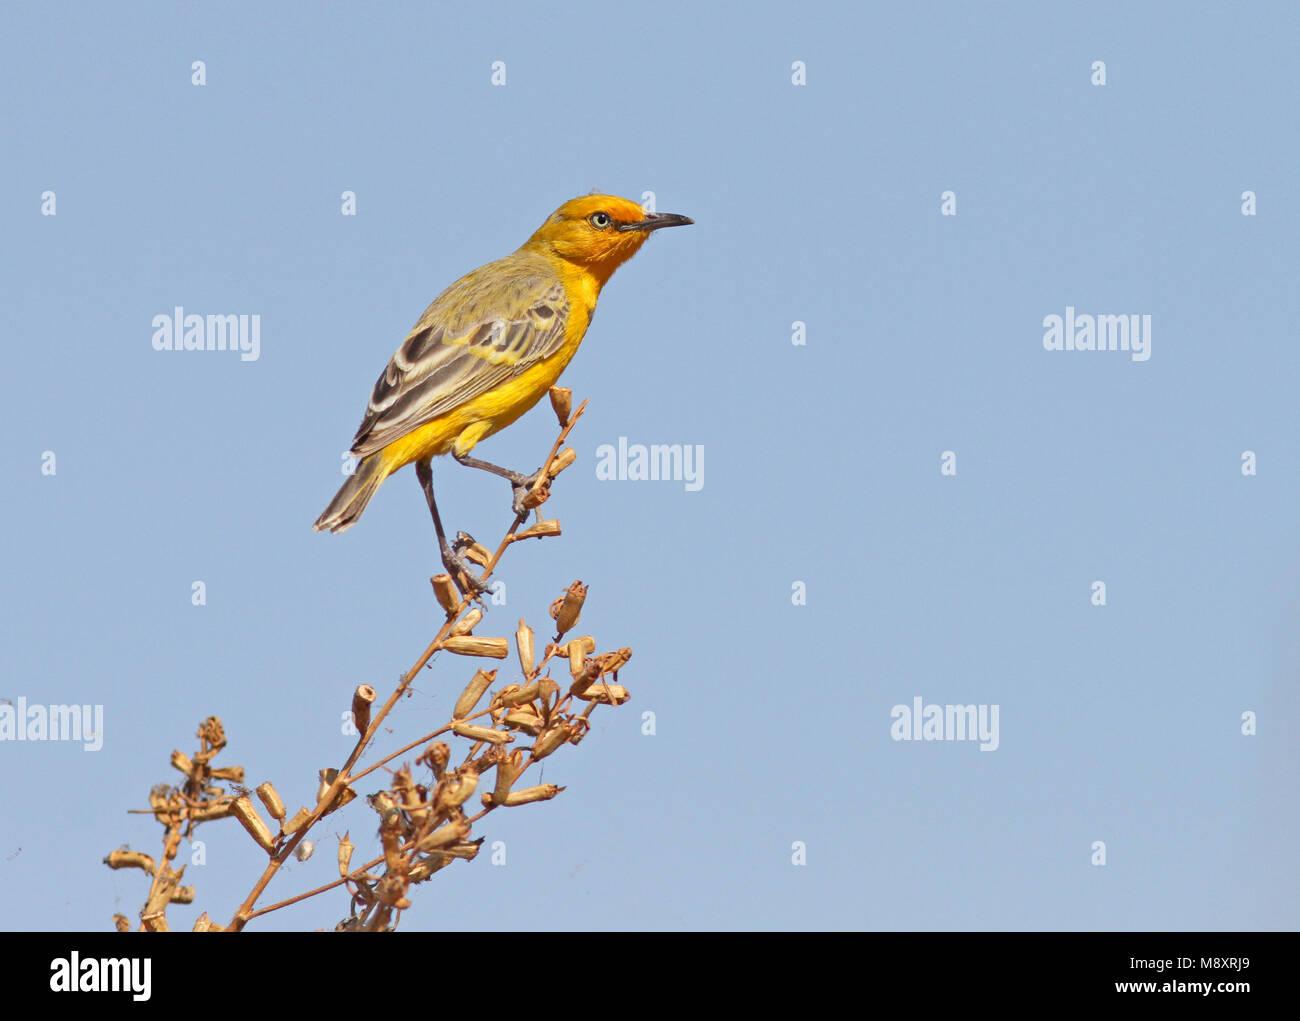 Geel Schijnpaapje, Yellow Chat - Stock Image